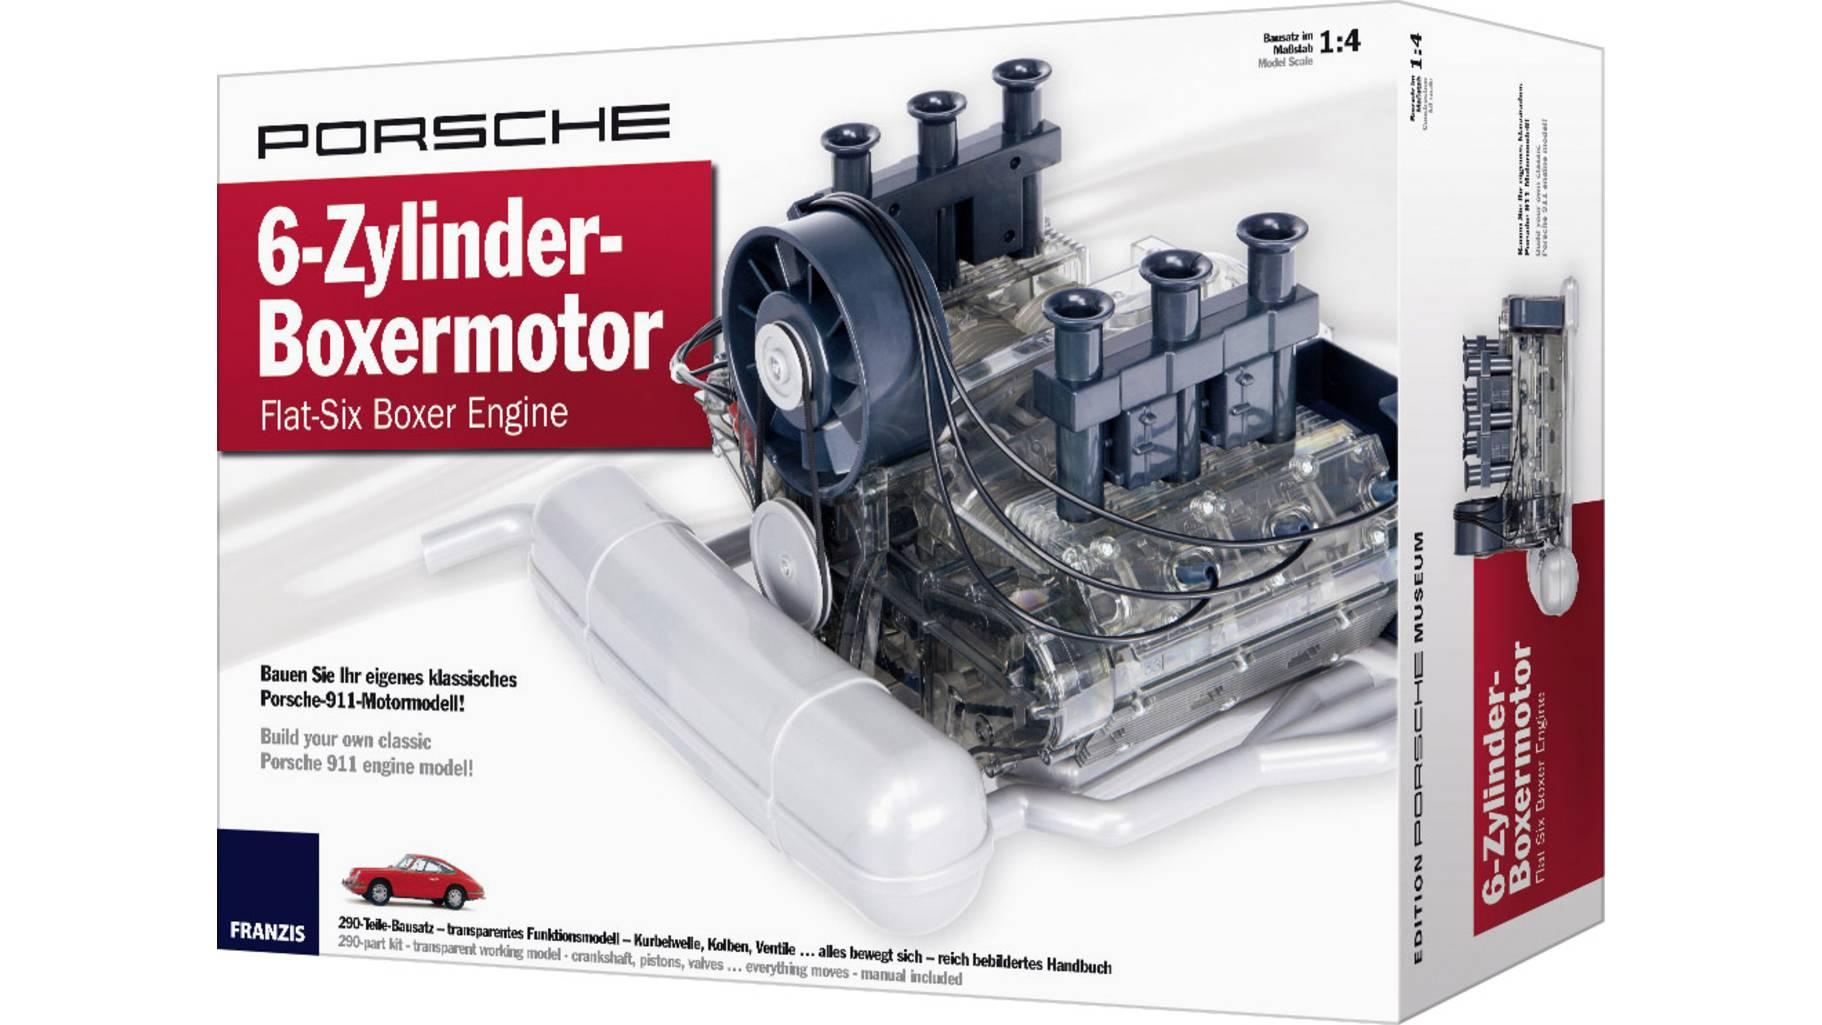 [GetGoods] Franzis Verlag 65911 Porsche 6-Zylinder-Boxermotor um 93,95€ statt (122,80€)